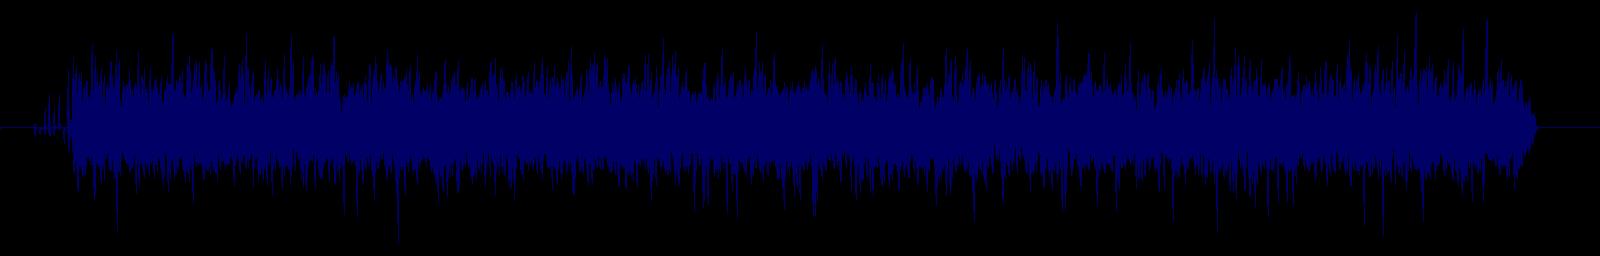 waveform of track #149284